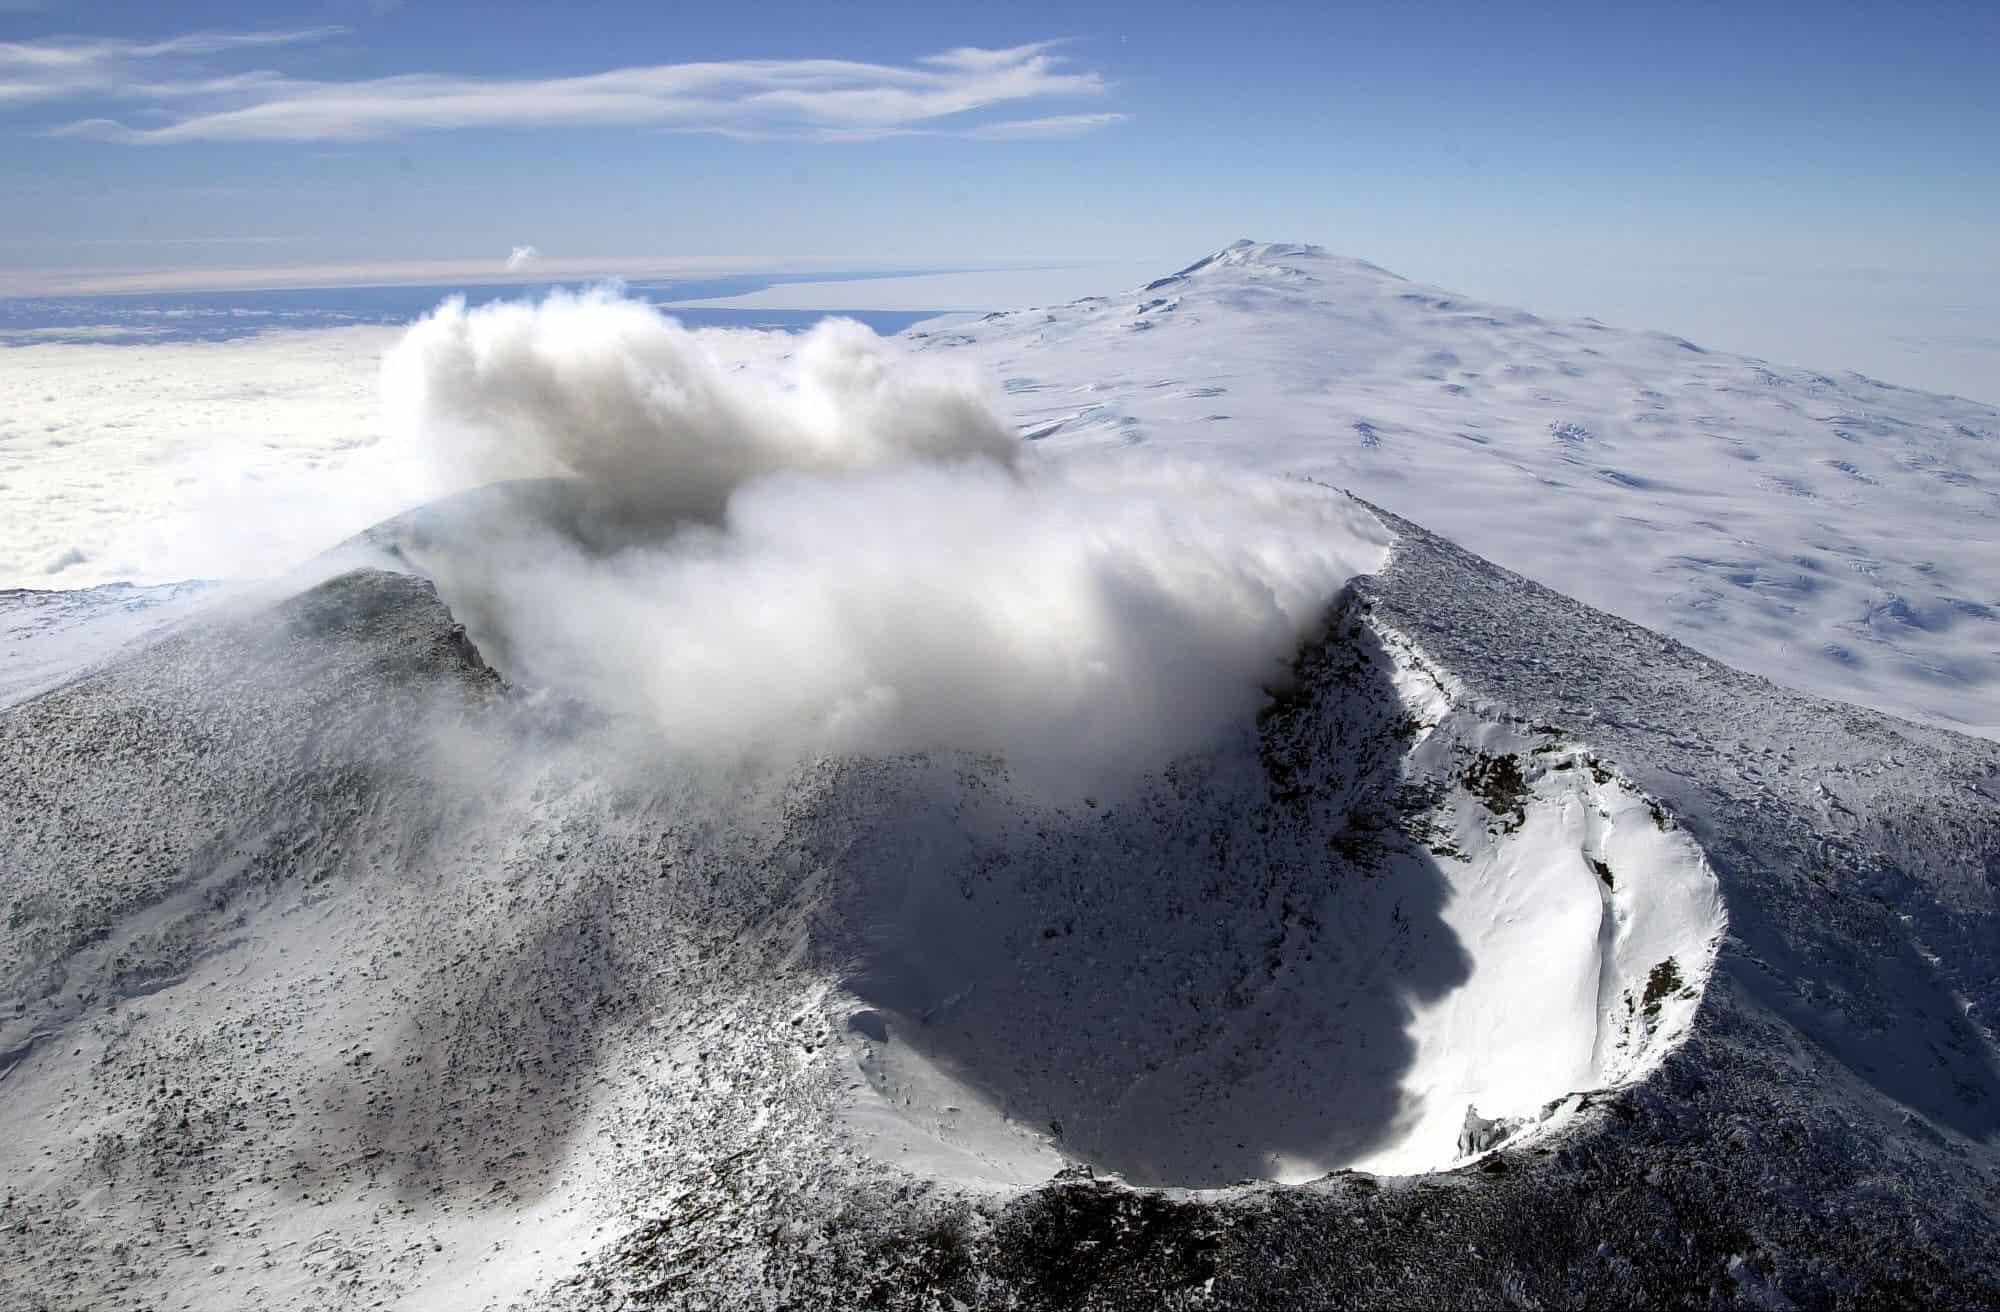 Scientists uncover 91 volcanoes under Antarctica ice